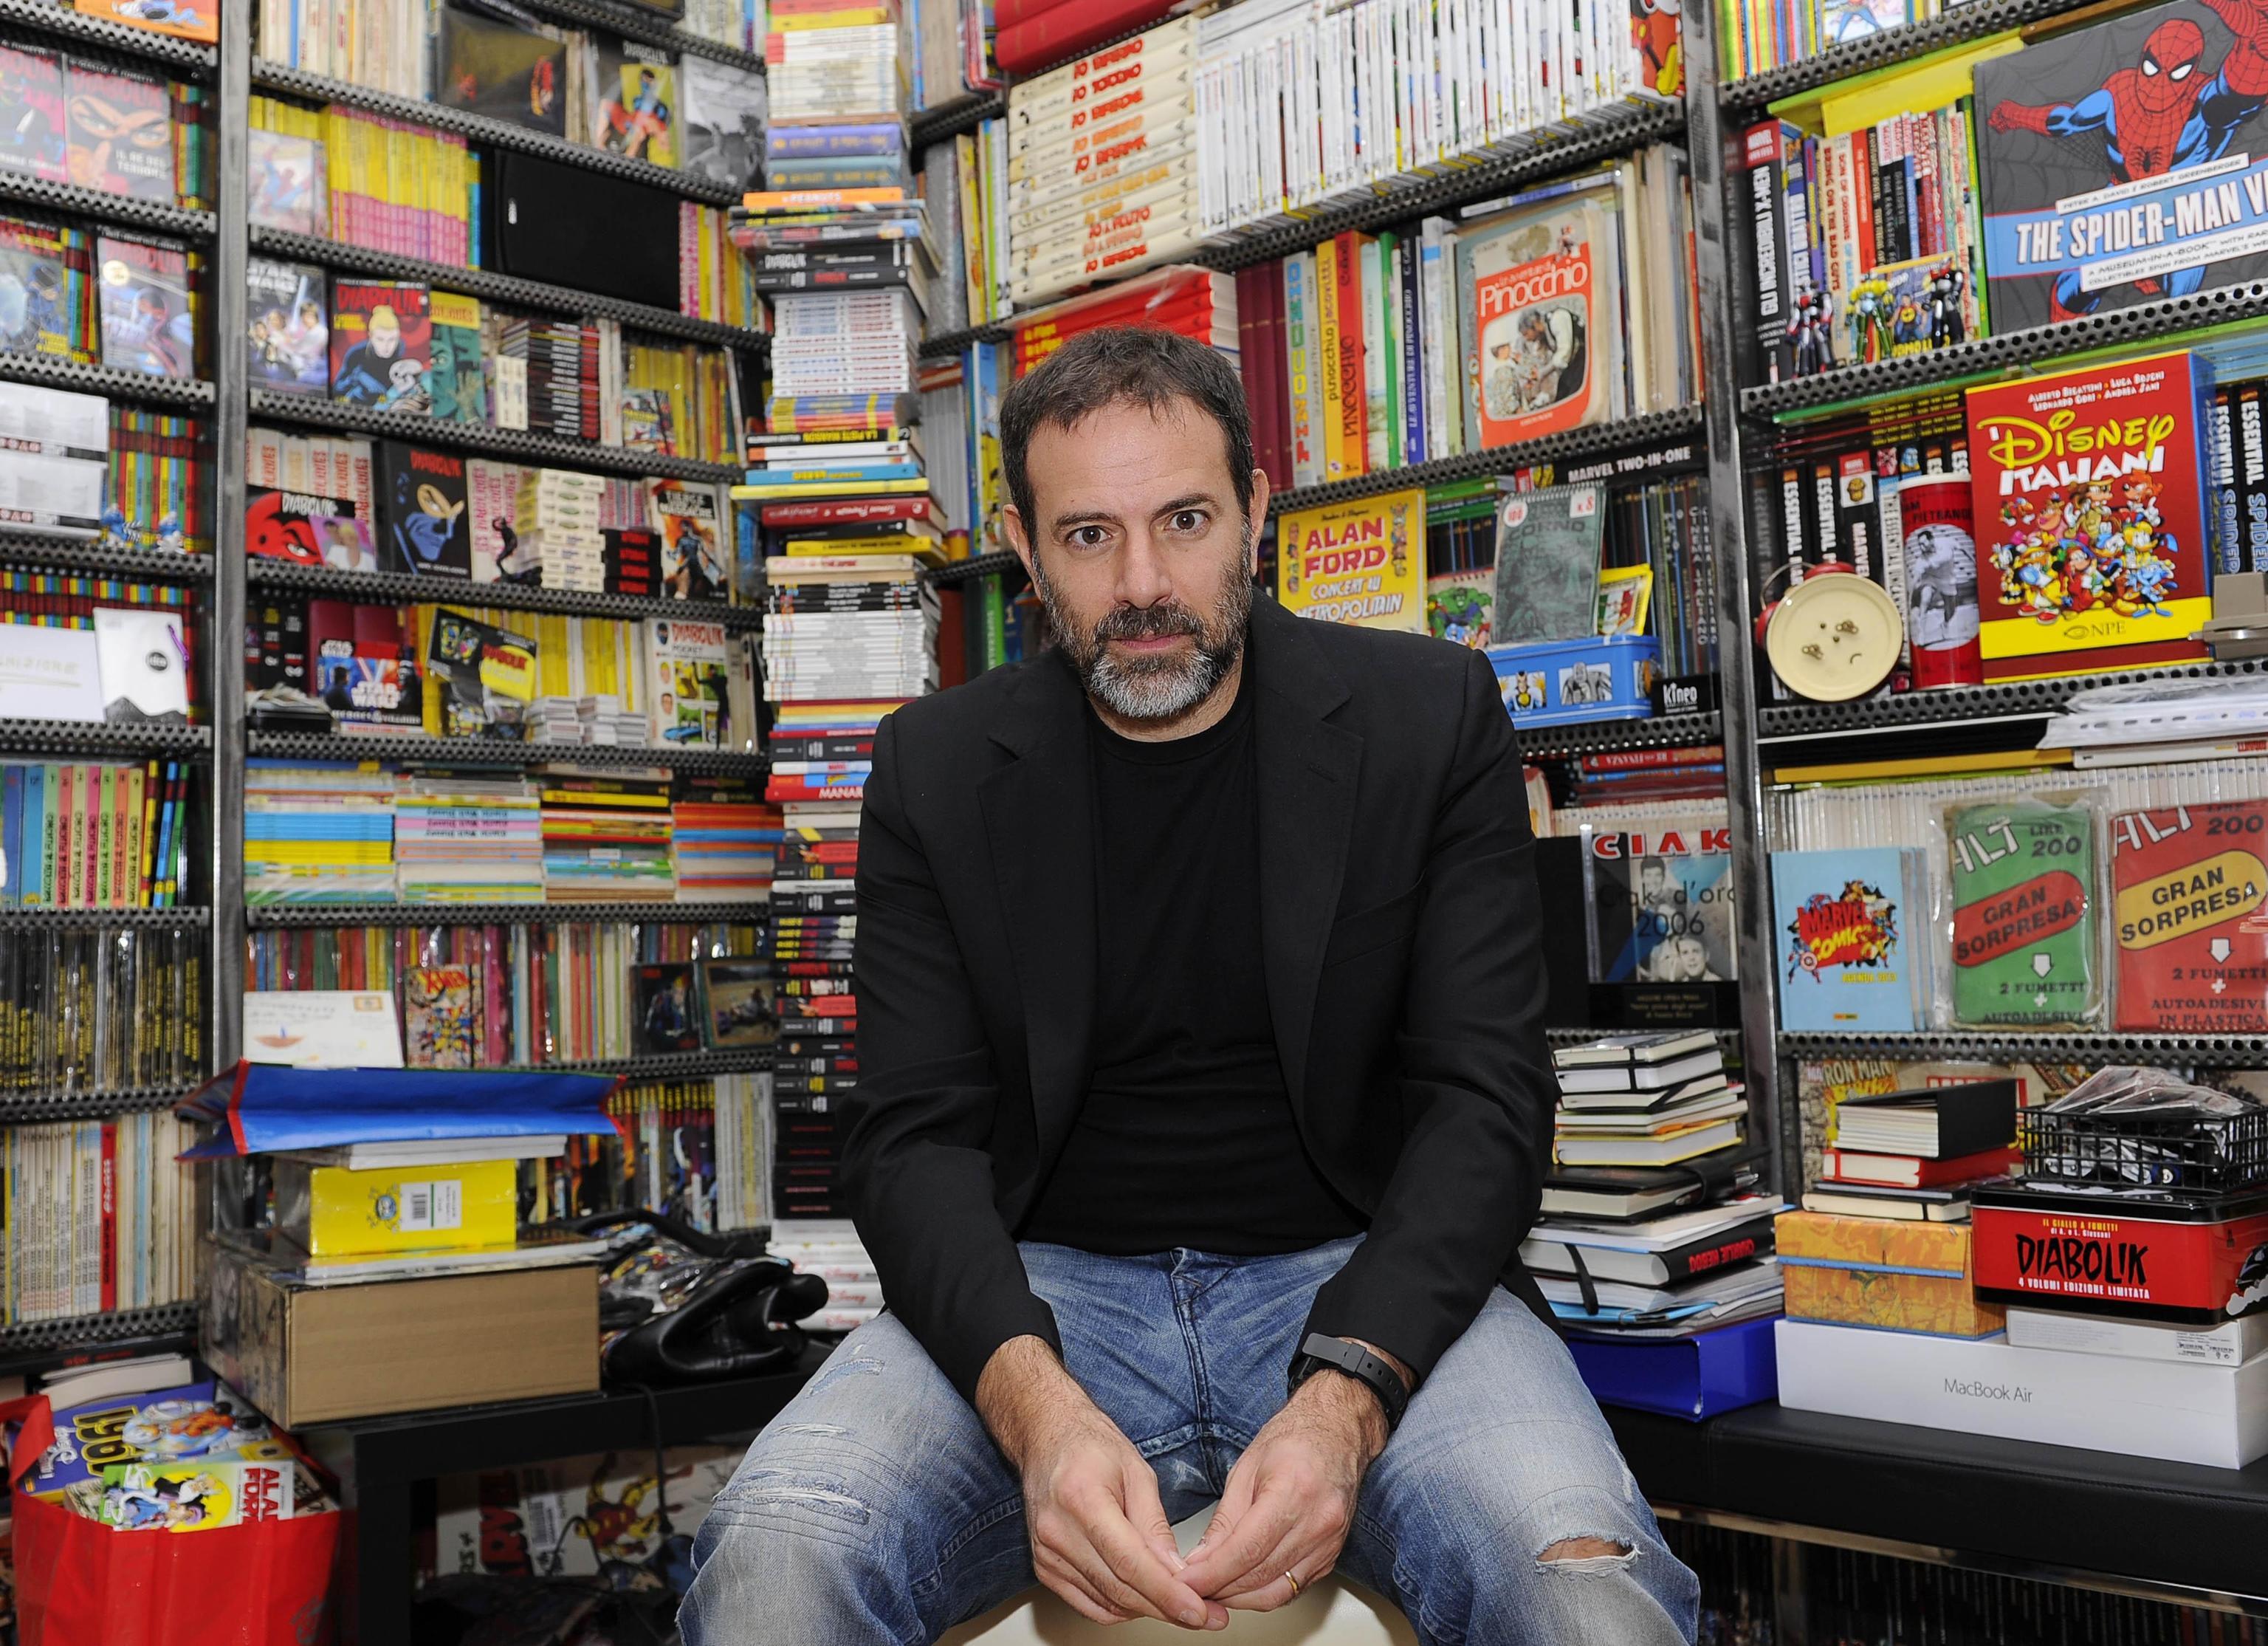 Gossip, Fausto Brizzi regista e la moglie Claudia Zanella: matrimonio in crisi?